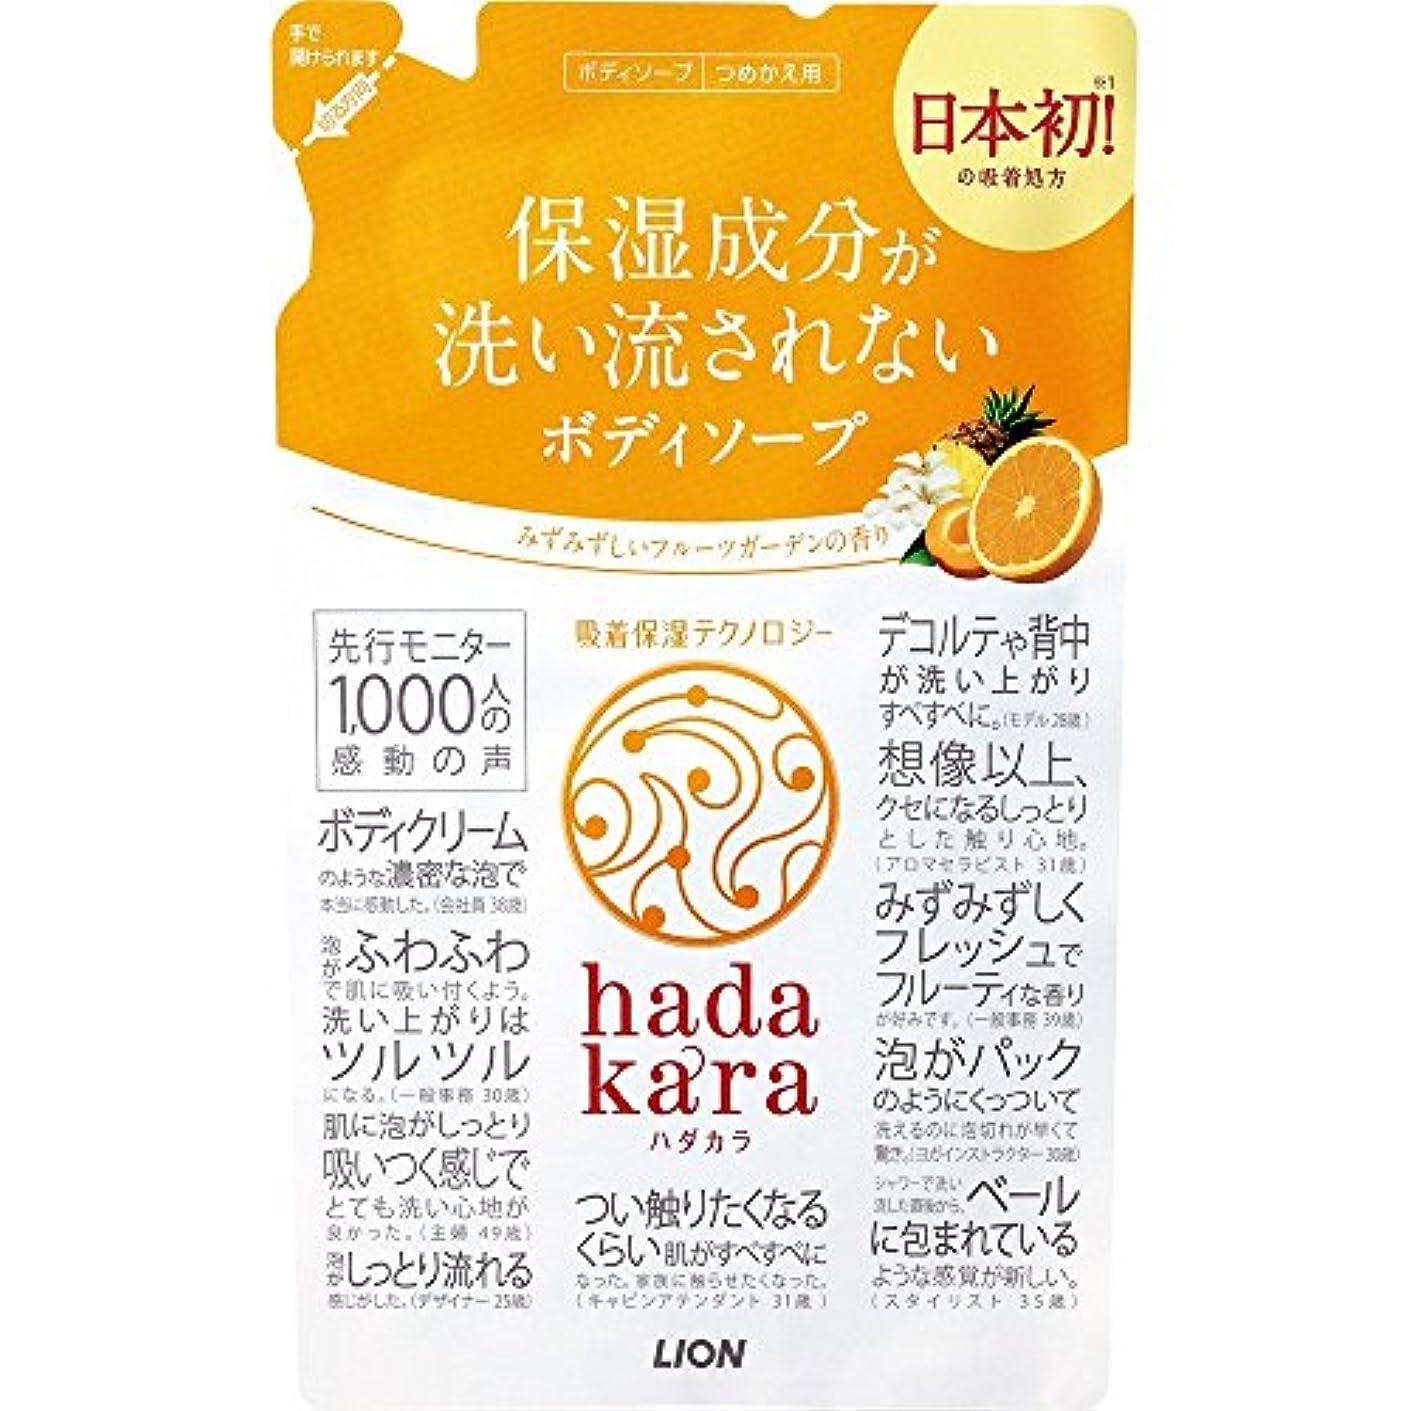 あご名誉テニスhadakara(ハダカラ) ボディソープ フルーツガーデンの香り 詰め替え 360ml